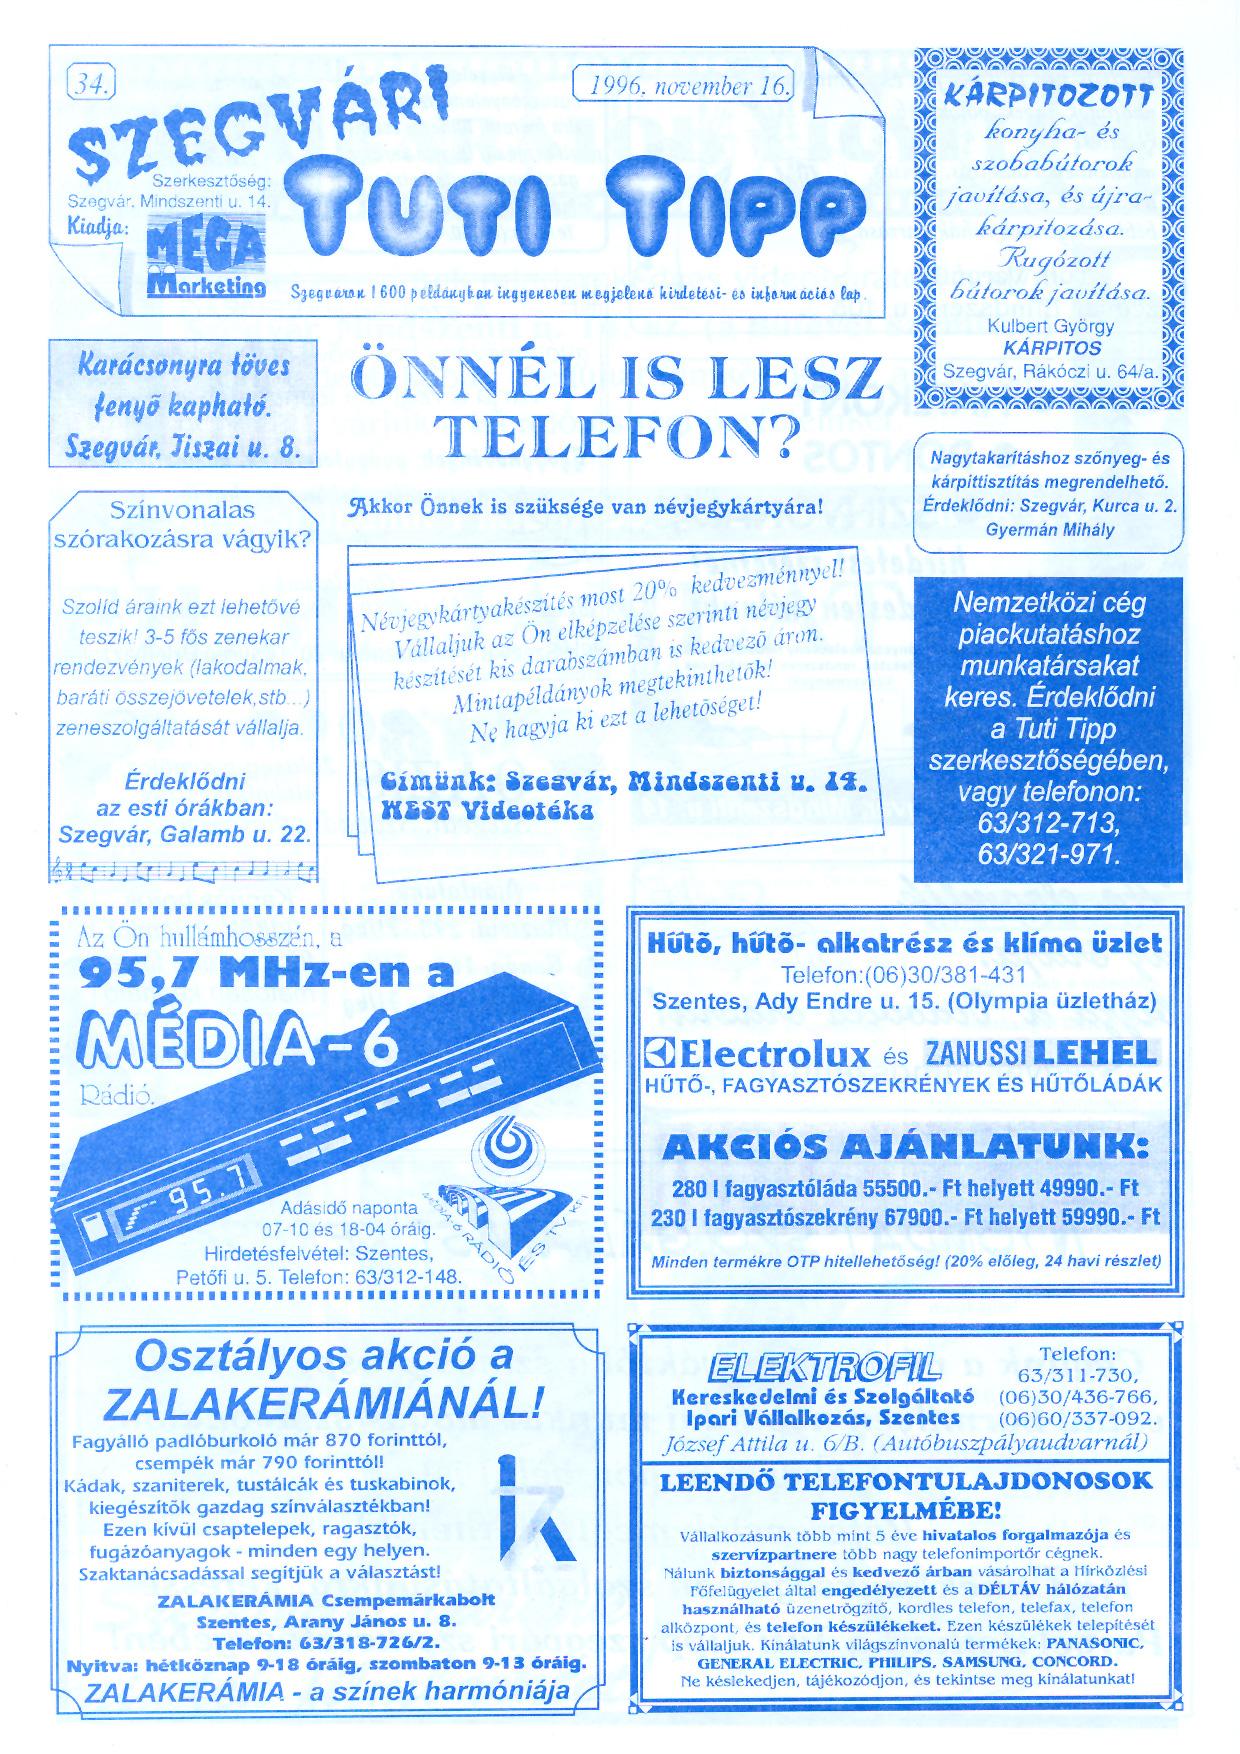 067 Szegvári Tuti Tipp reklámújság - 19961116-034. lapszám - 1.oldal - II. évfolyam.jpg